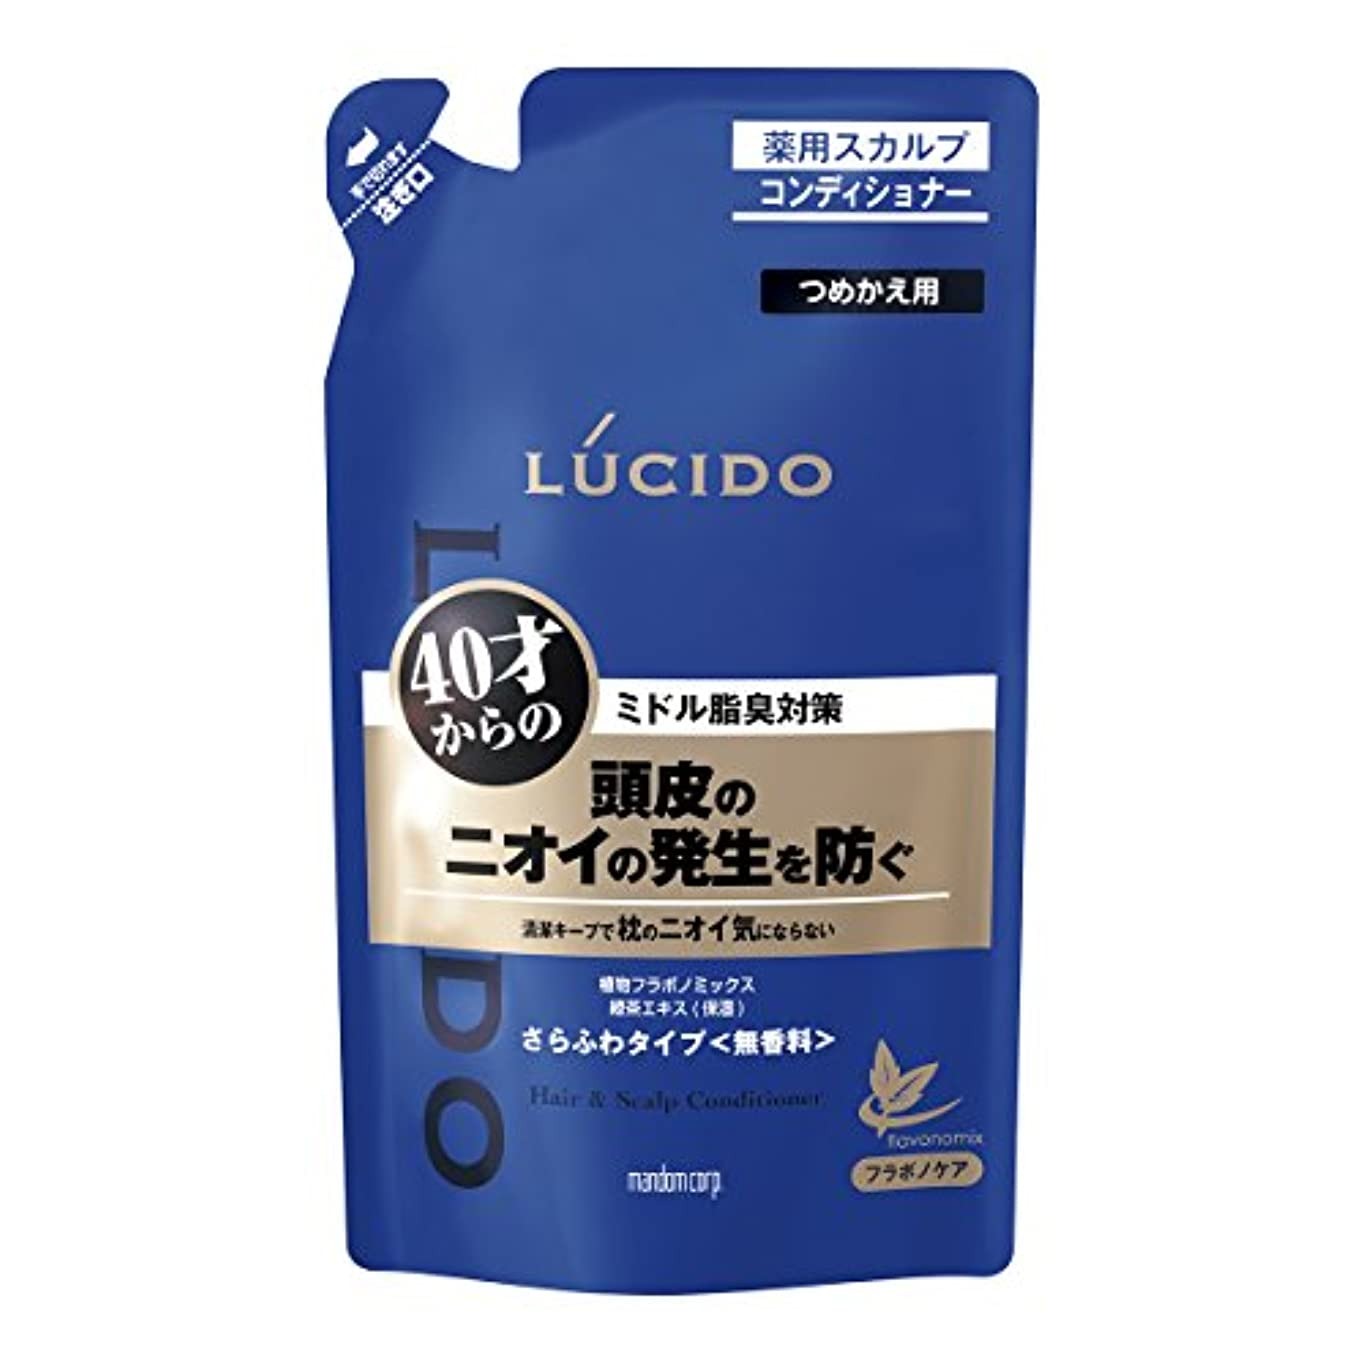 ペースト味付けインタビュールシード 薬用ヘア&スカルプコンディショナー つめかえ用 380g(医薬部外品)